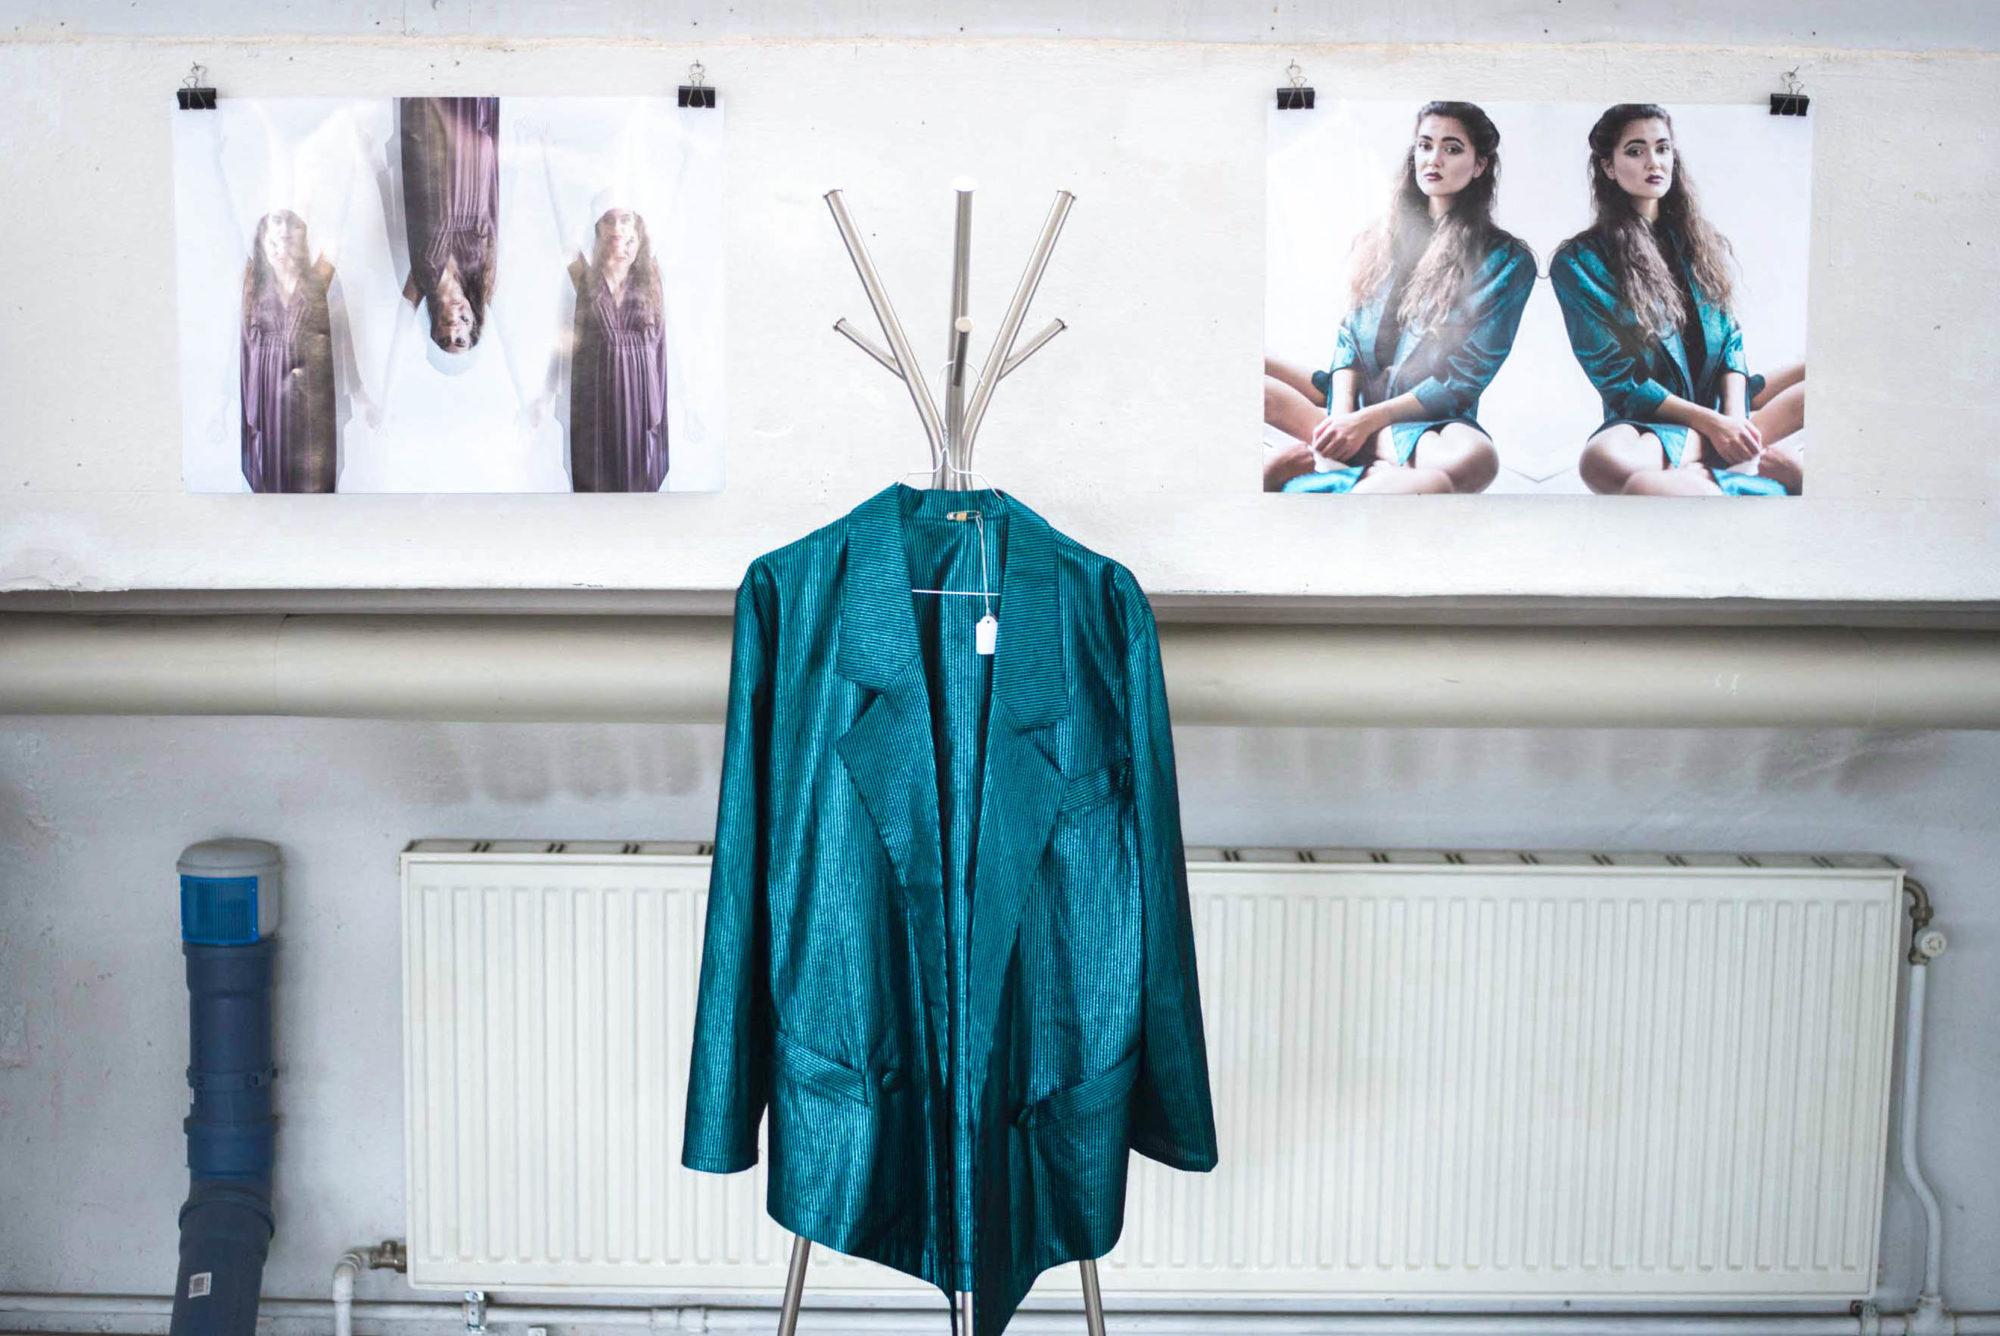 mehrwert textil kunst mode kulm fair fashion vernissage nachhaltigkeit textilindustrie veränderung neubeginn